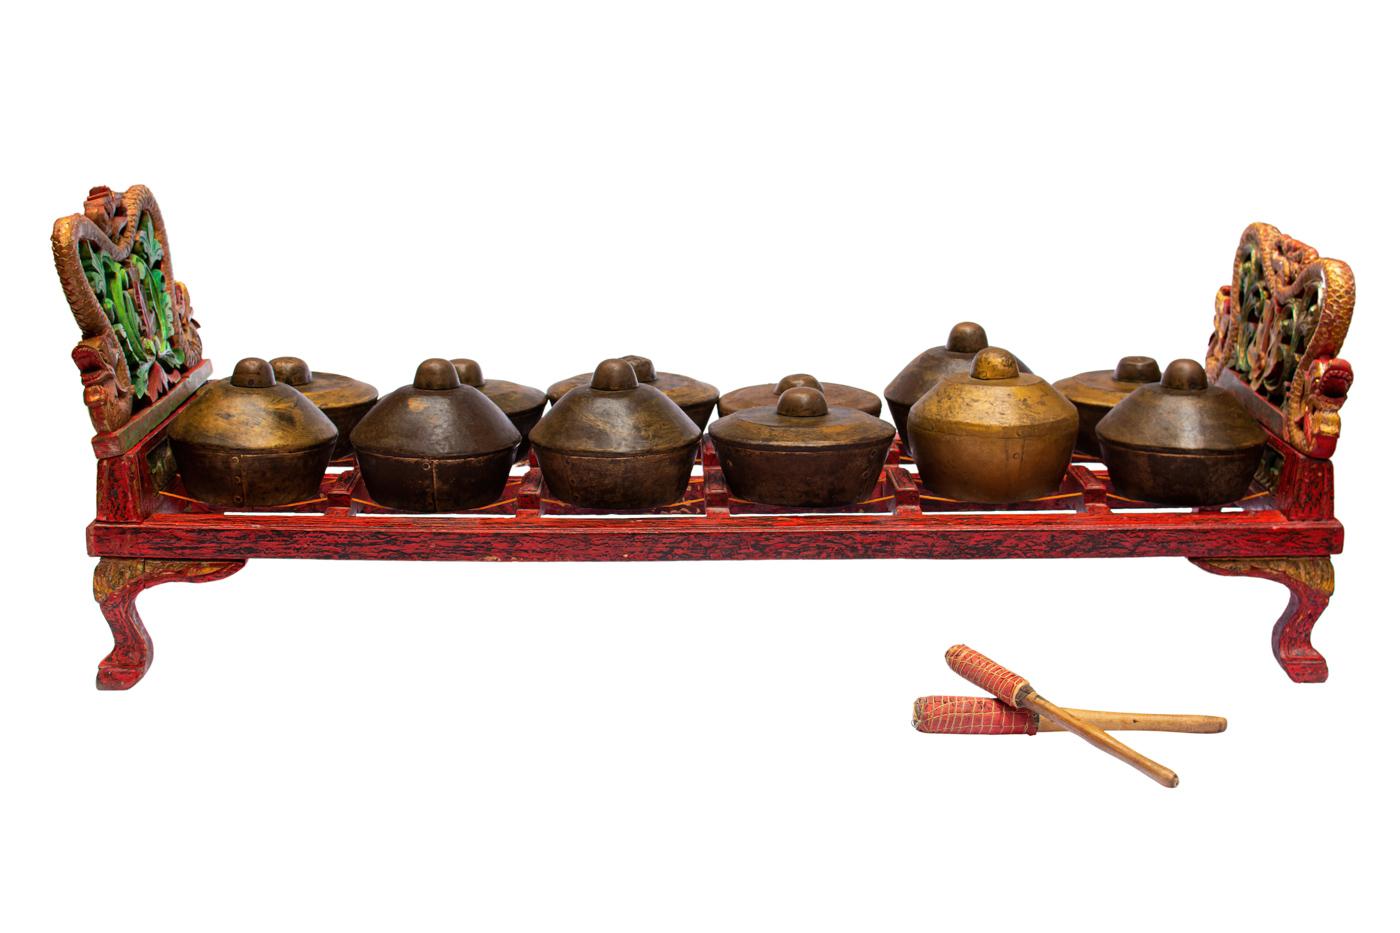 Instrumento musical tradicional de Indonesia ( Bonag)